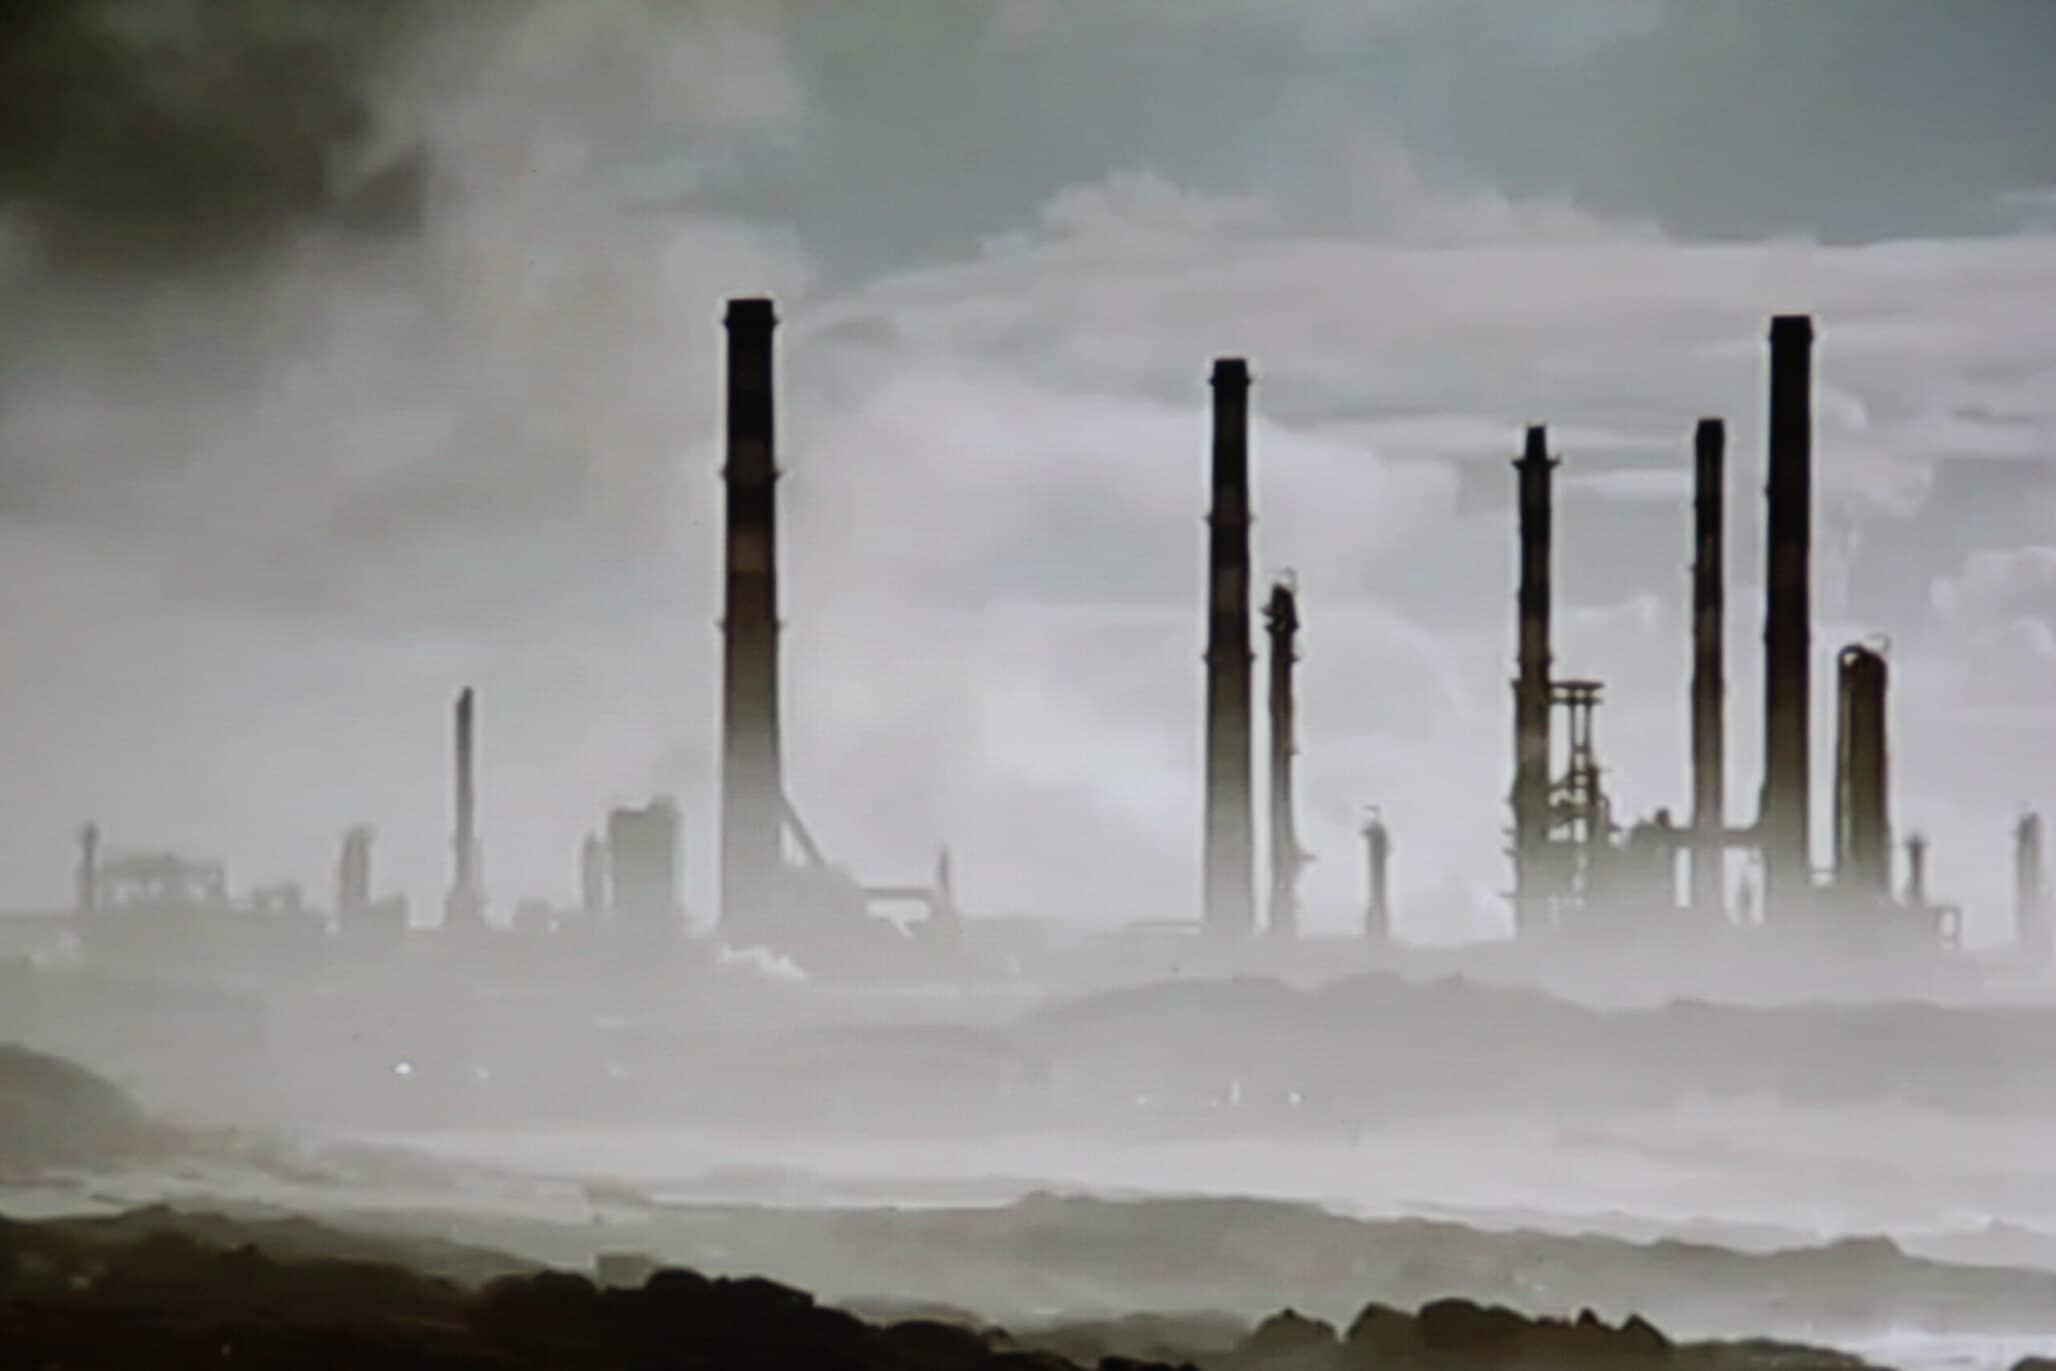 Shell verliest klimaatzaak bij rechter om CO2 uitstoot. Milieudefensie juicht, maar Corazon waarschuwt: er zit een addertje onder het gras